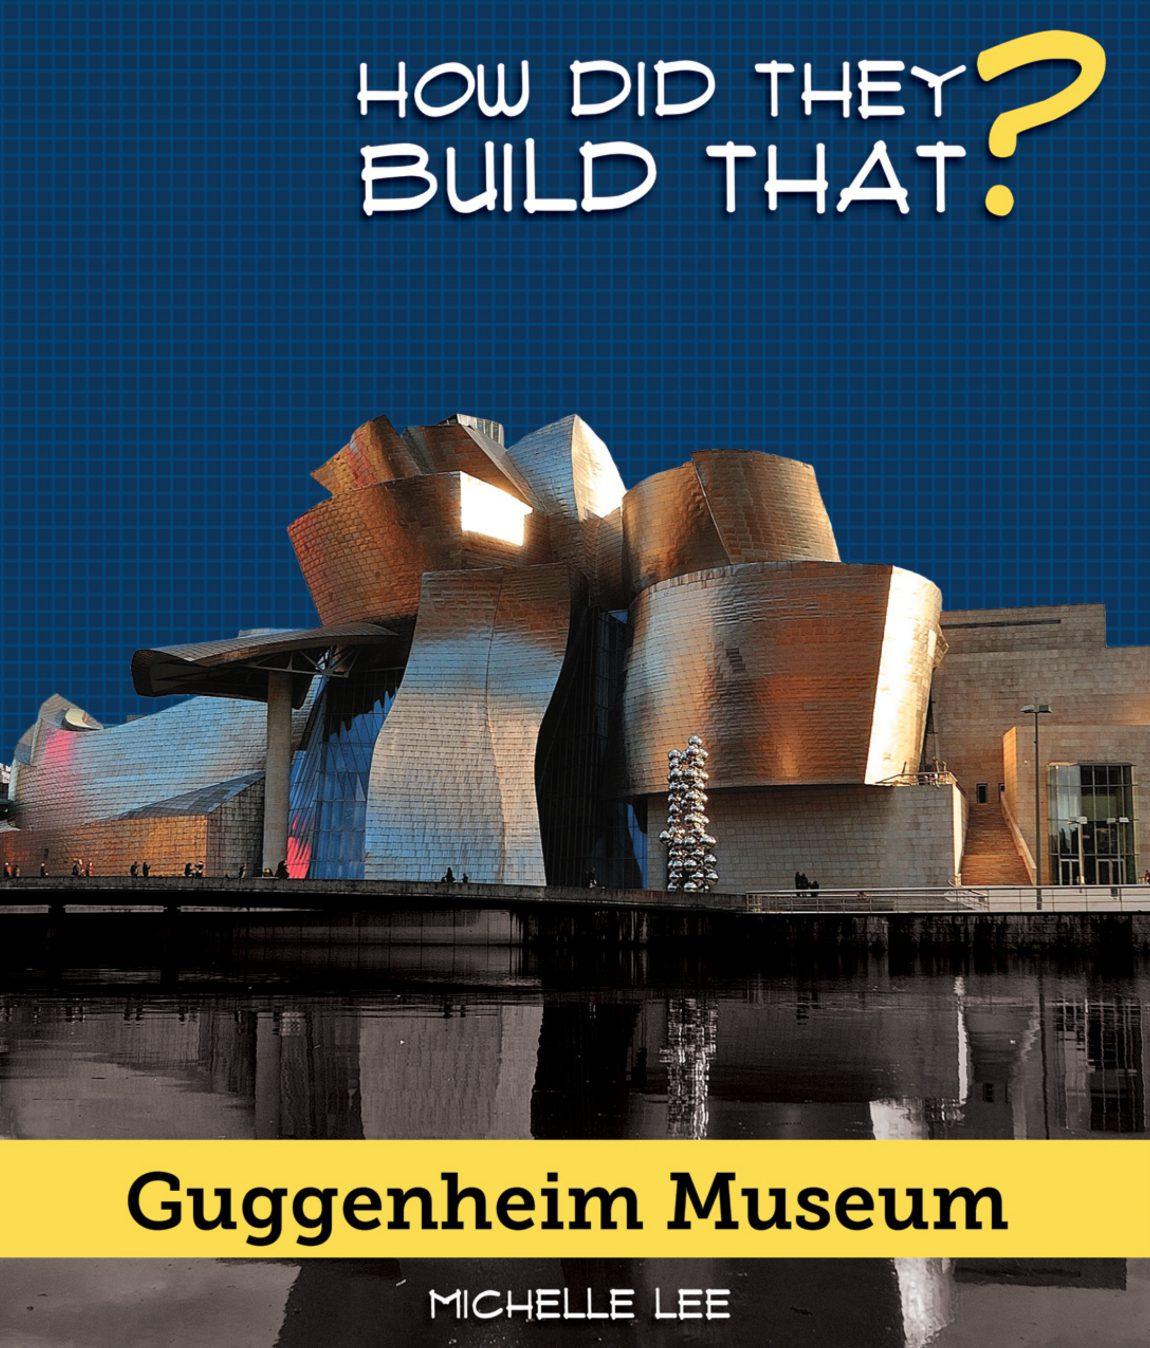 Guggenheim-Museum-1.jpg